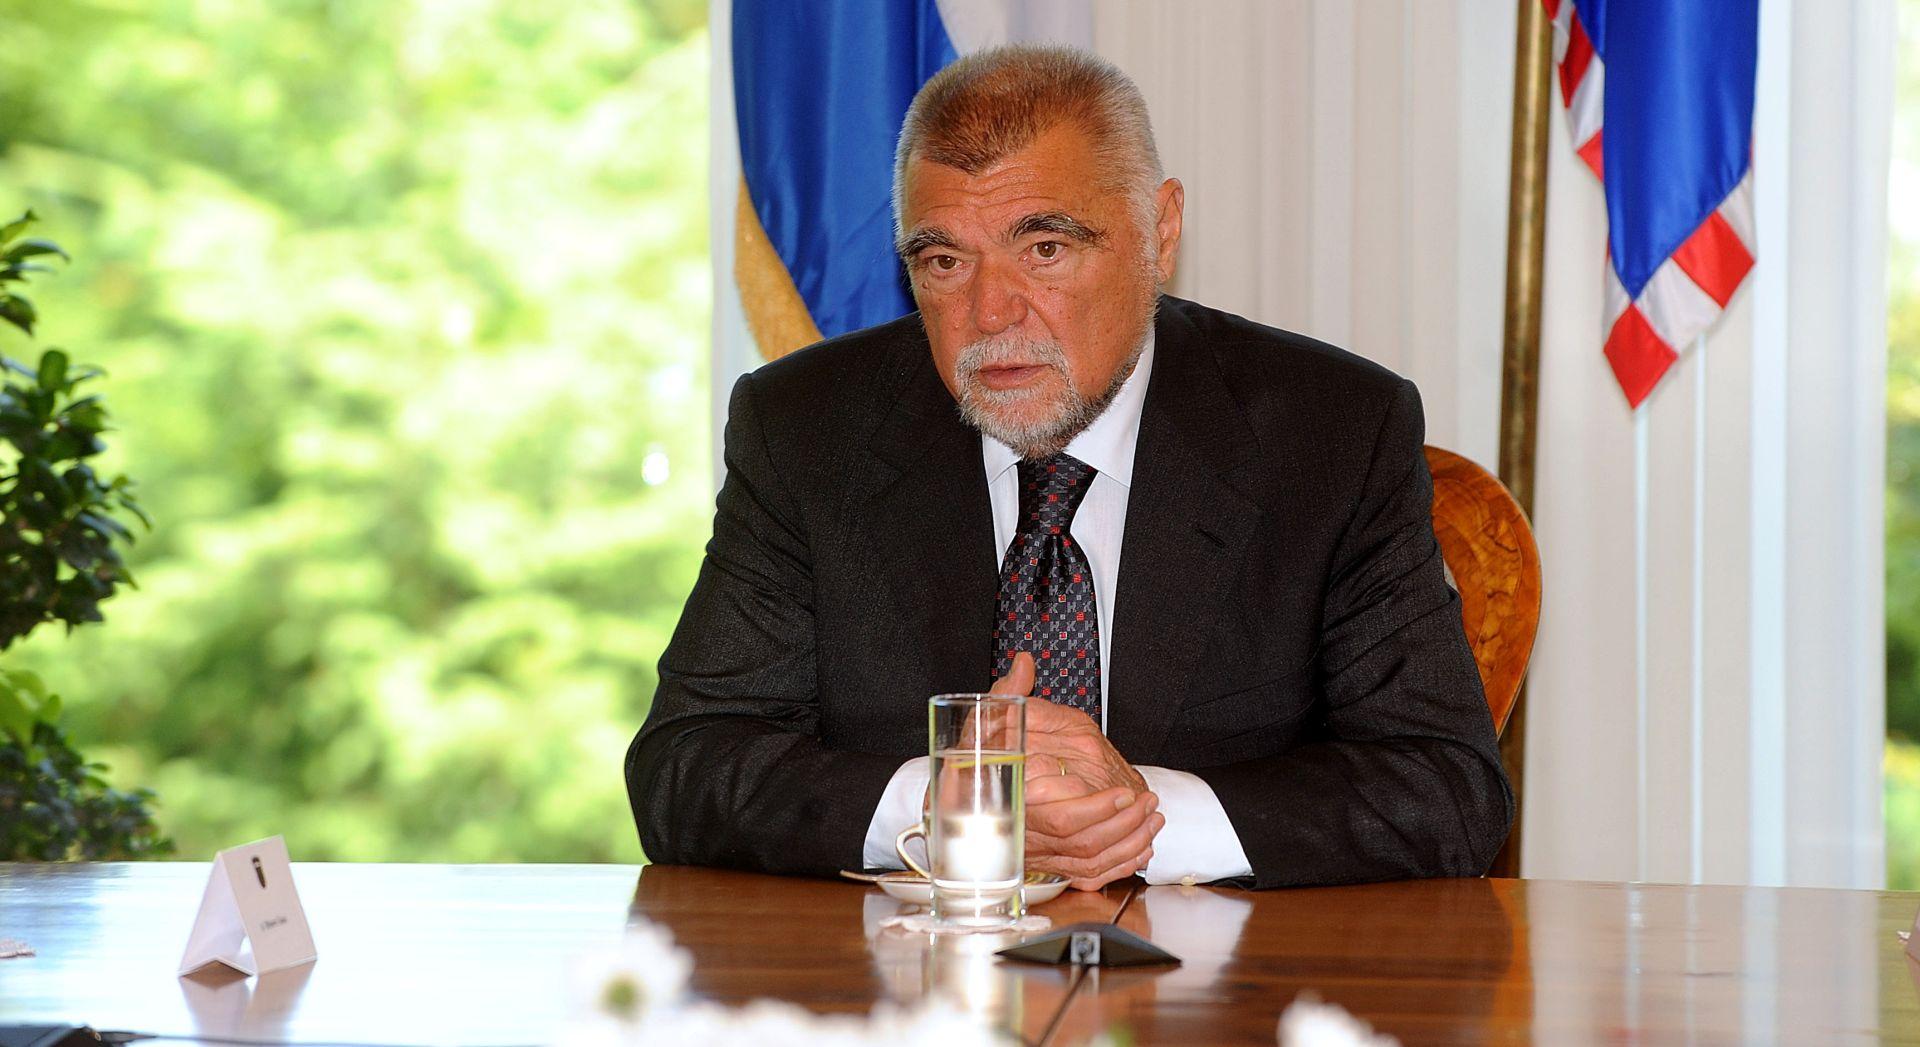 UKIDANJE UREDA Stjepan Mesić: 'Bezočno se operiralo lažima'